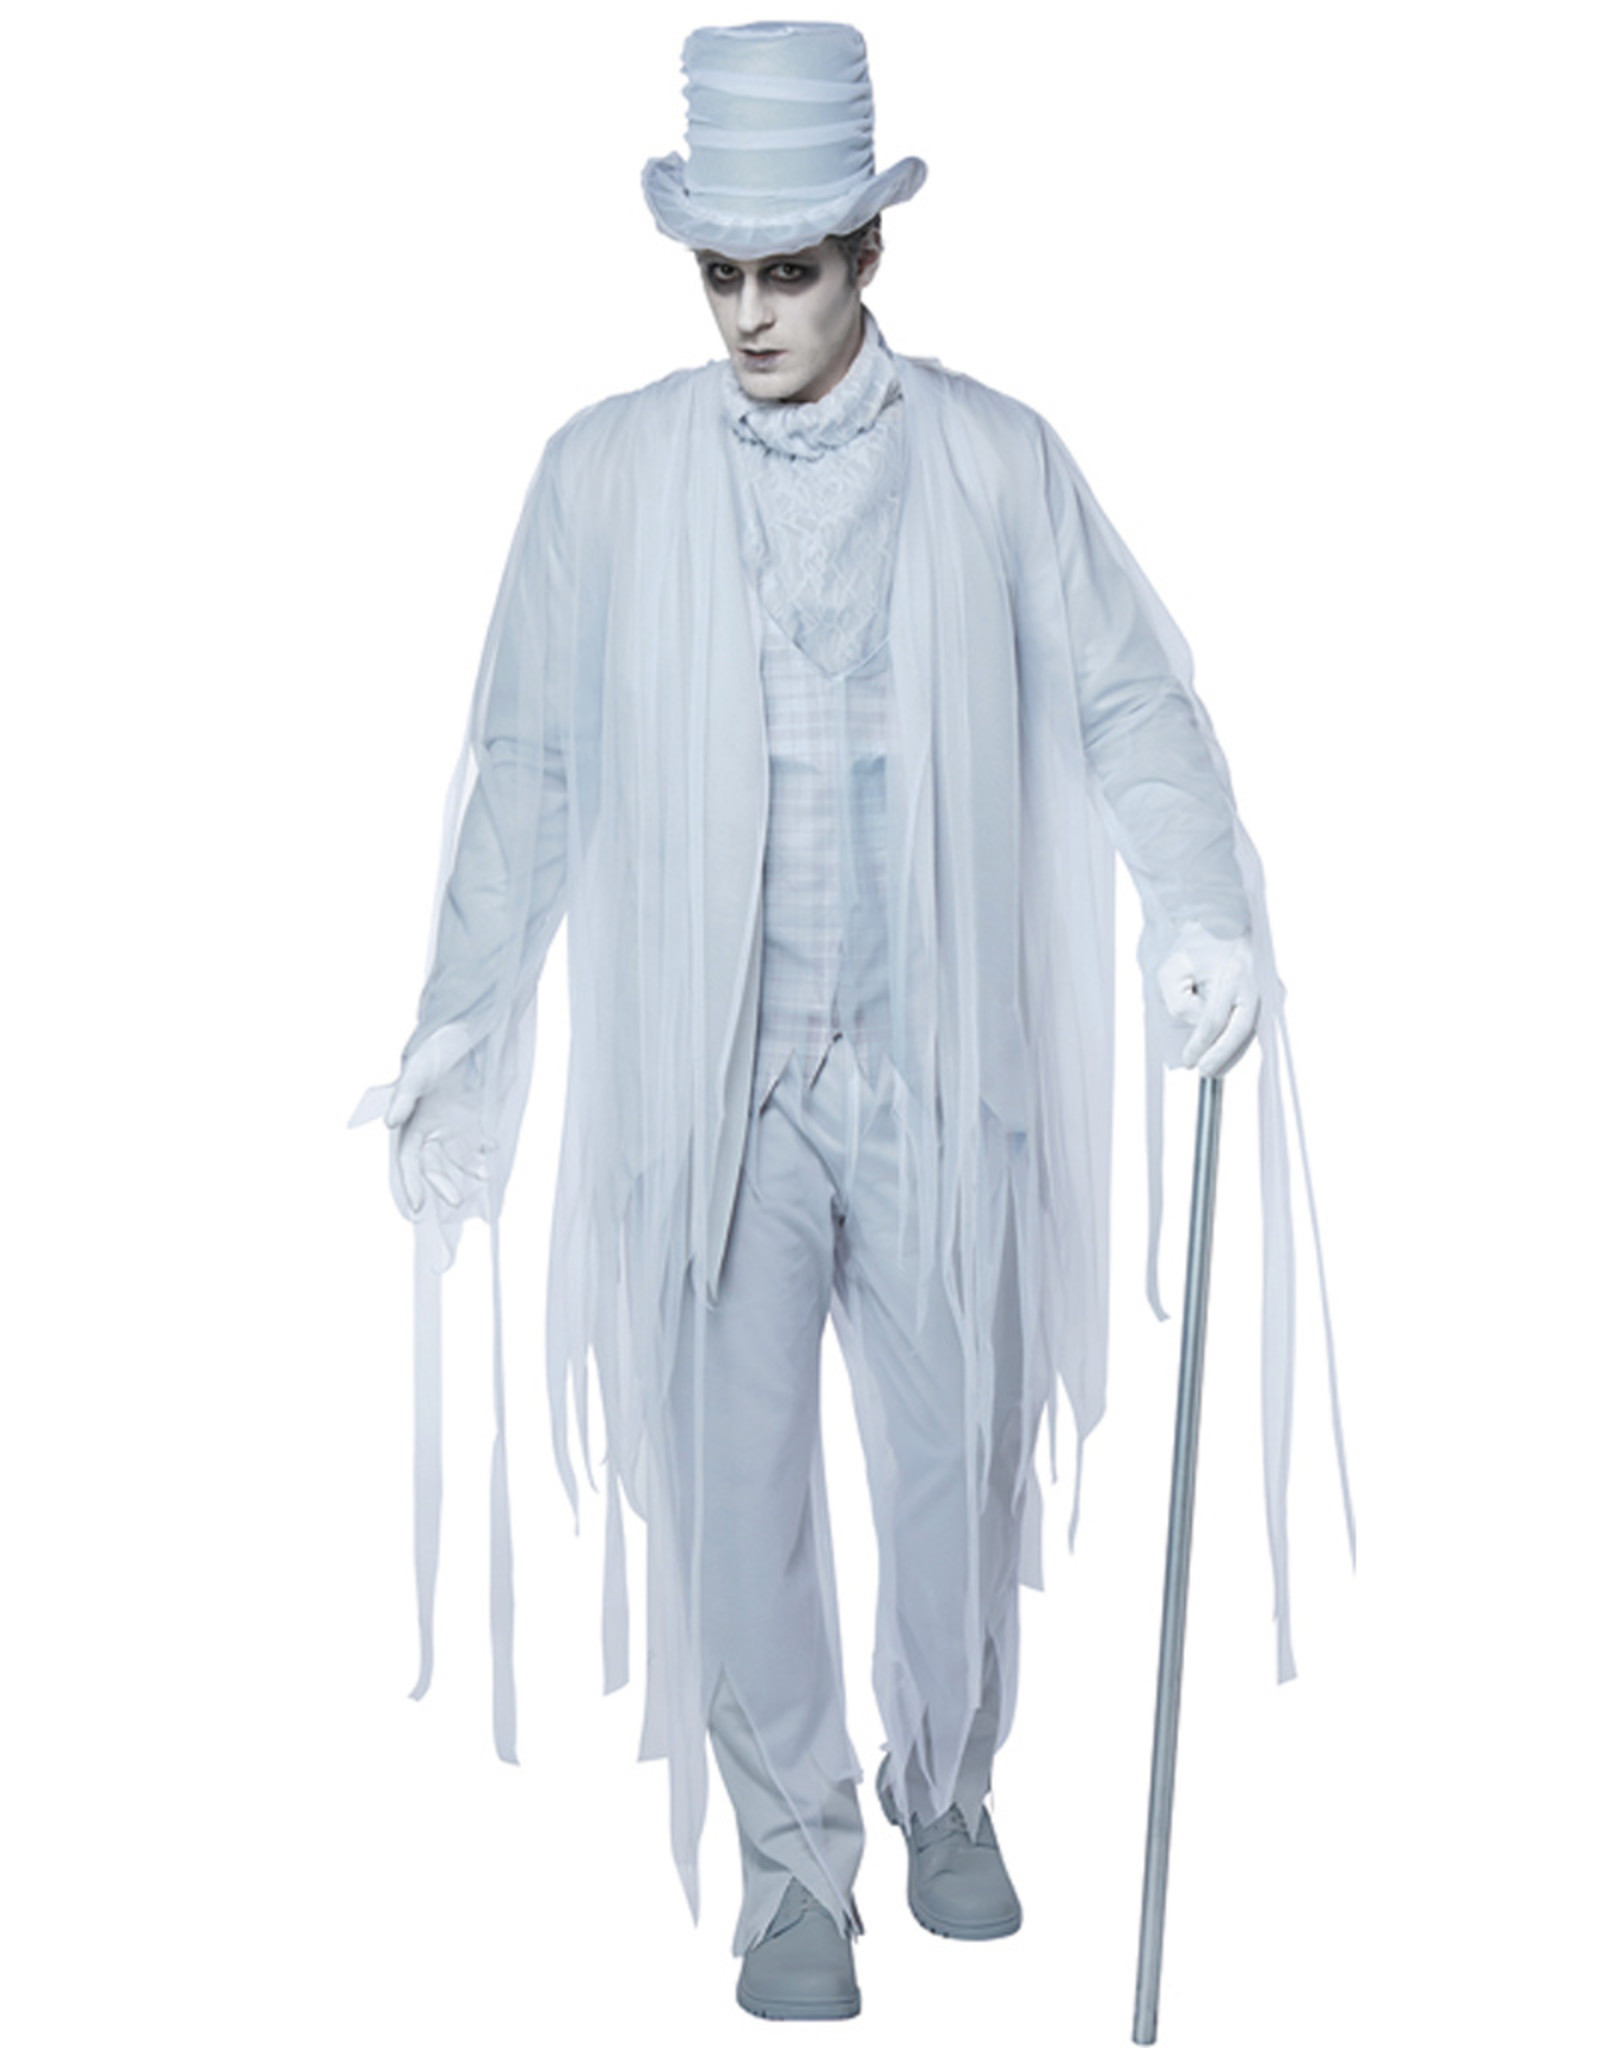 Haunting Gentleman Costume - Men's